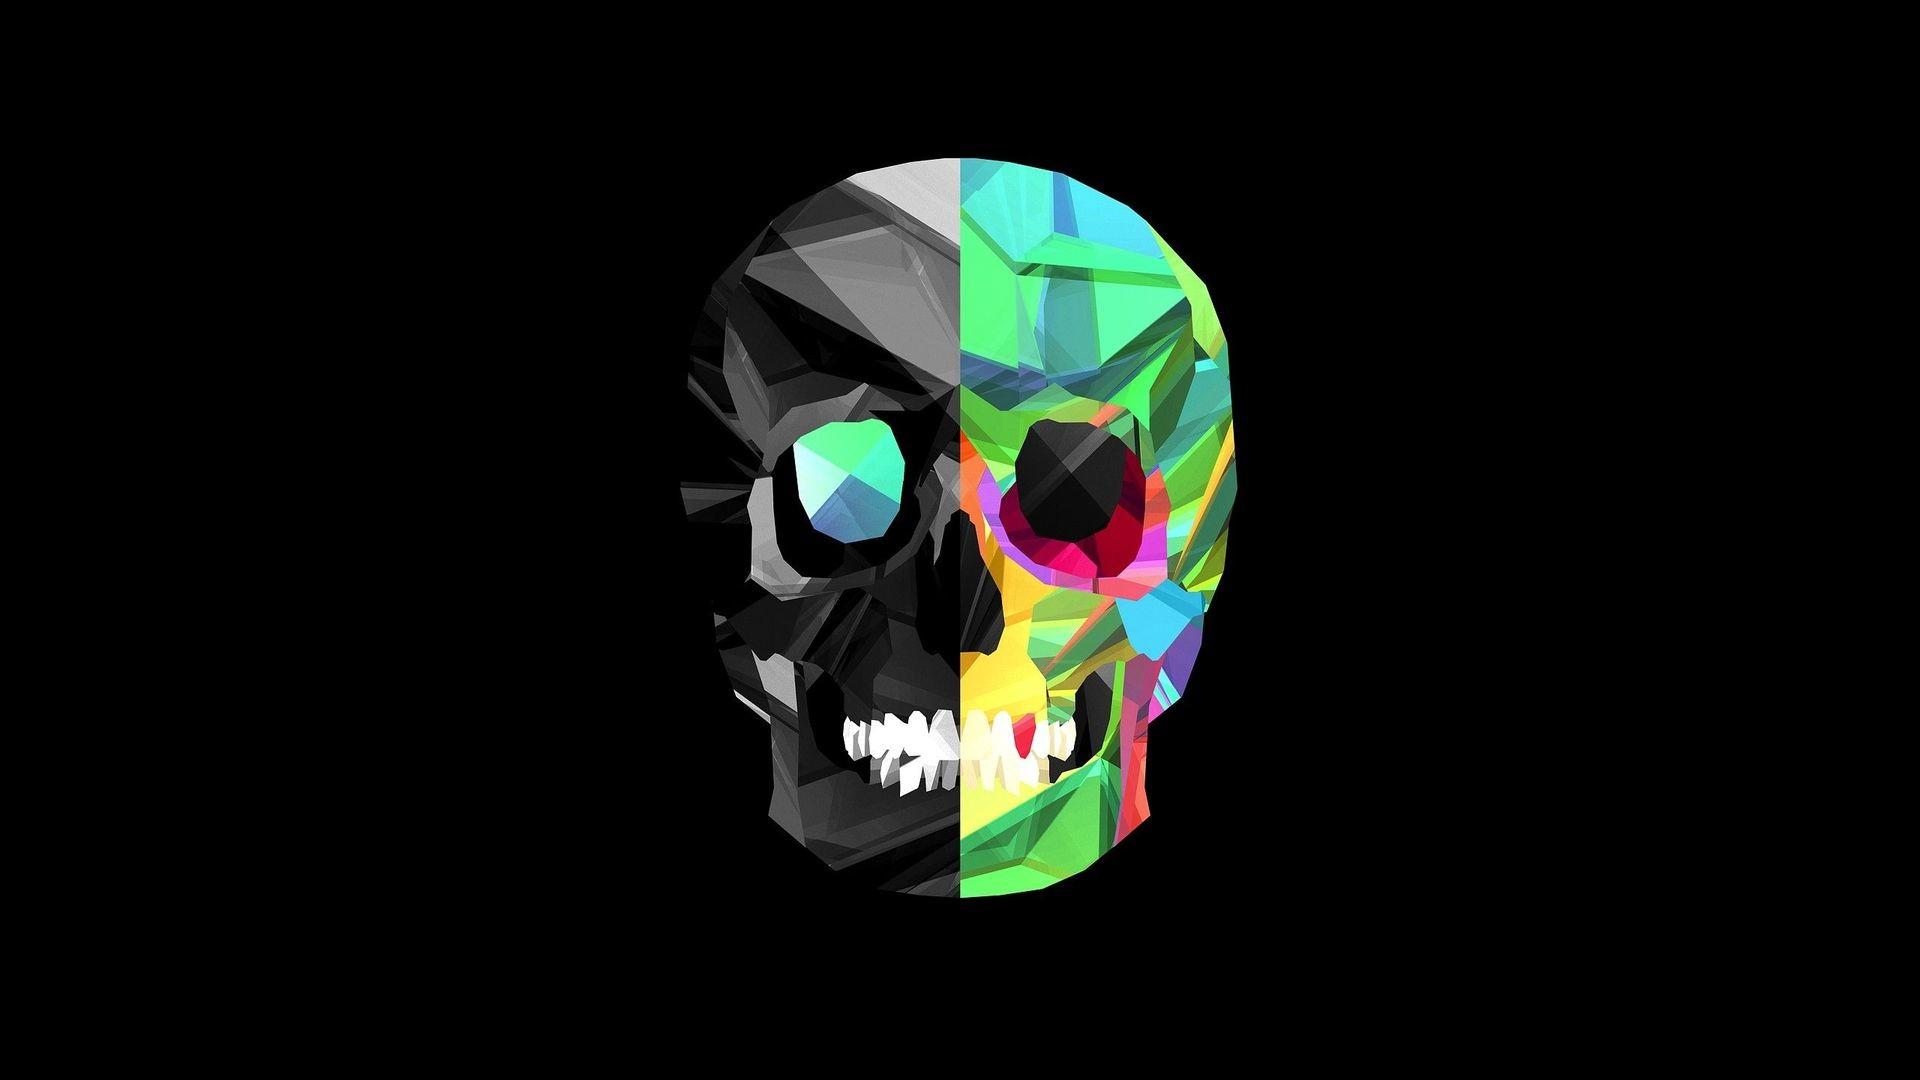 Sugar Skull HD Wallpaper (65+ images)